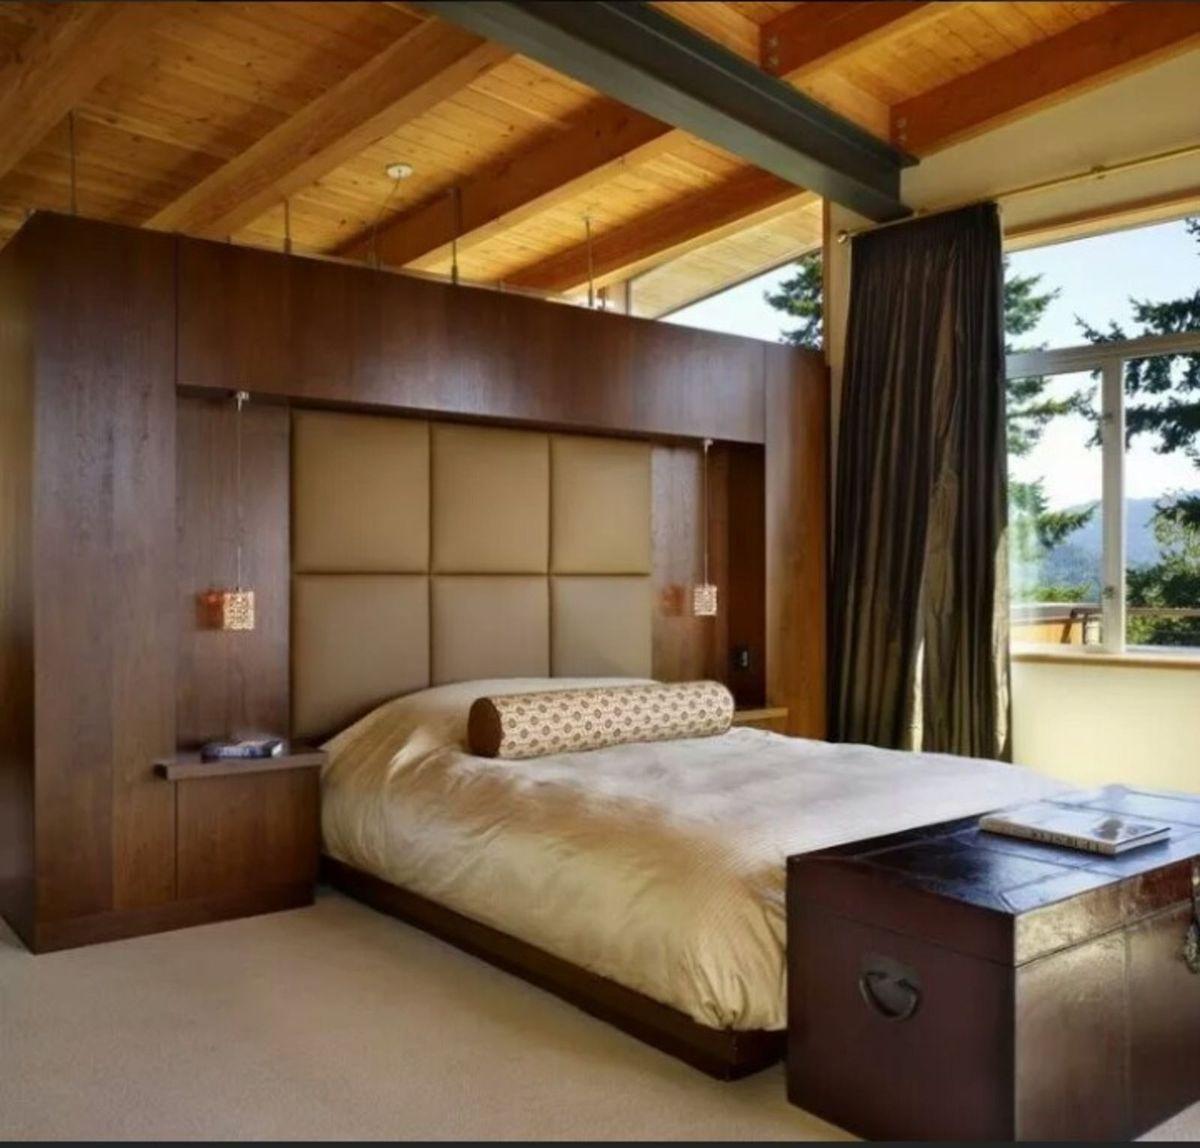 9cbd37681 cabeceira estofada cama casal 6 modulos 60cm x 60cm - outros douglasdecor10